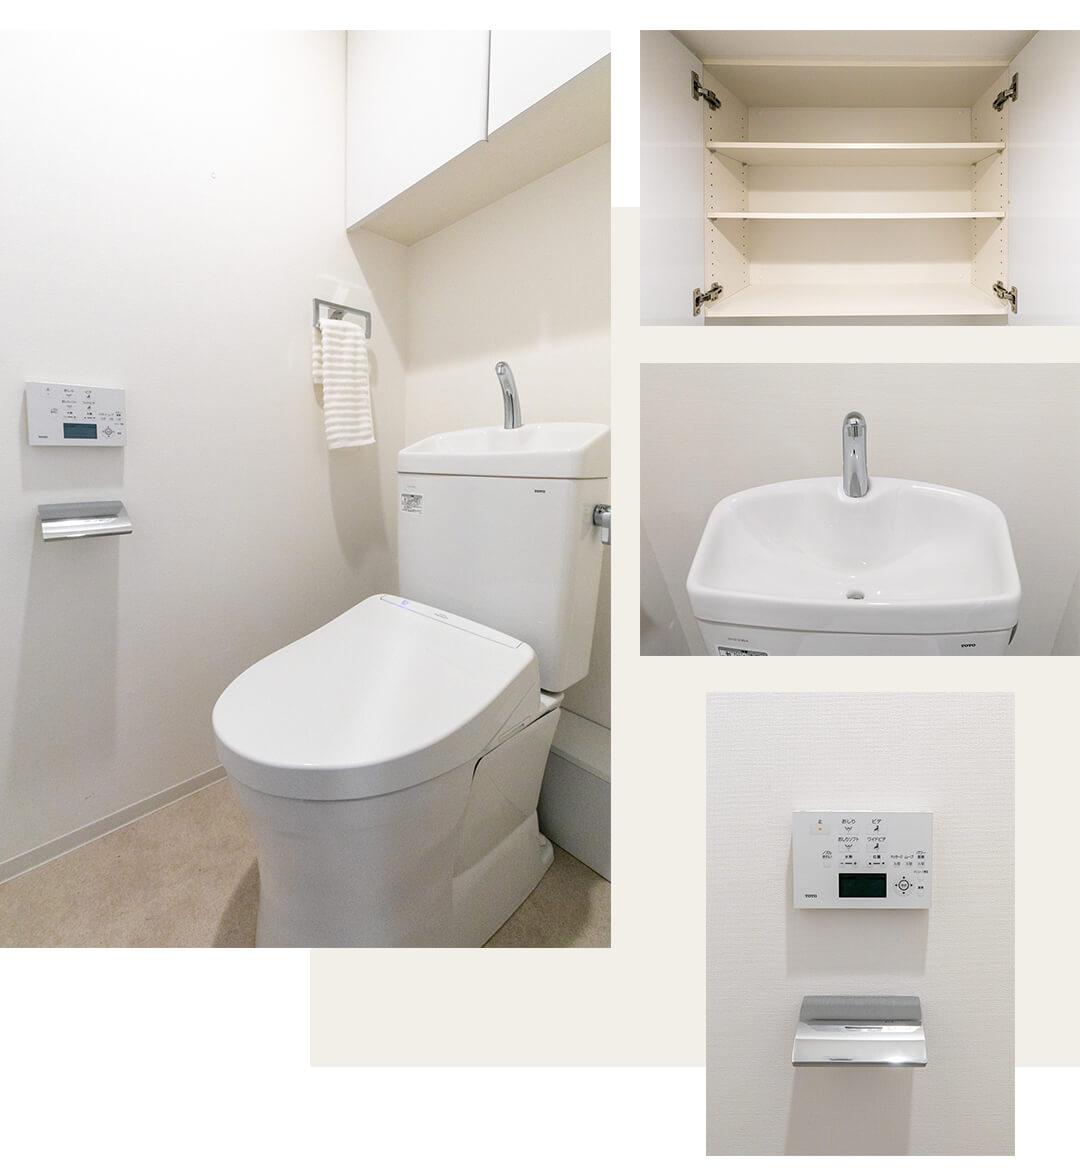 サンフル日吉本町ガーデンハウスのトイレ